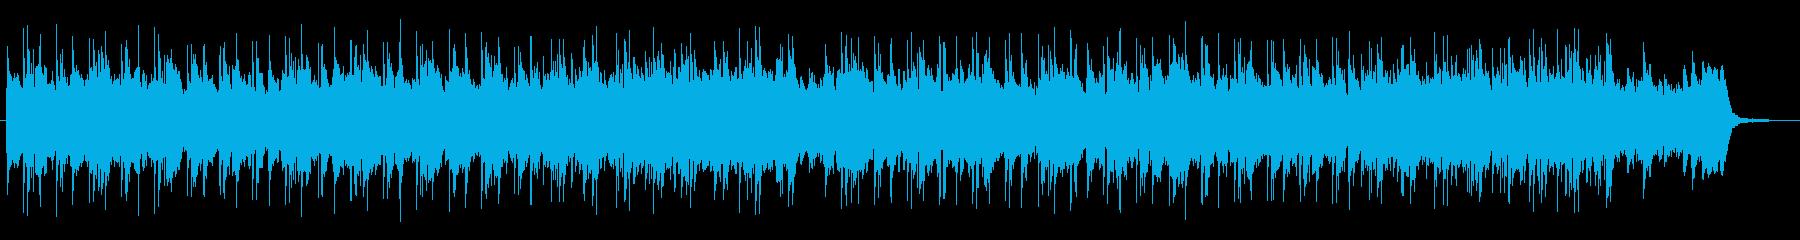 切なく感動的なストリングスポップの再生済みの波形